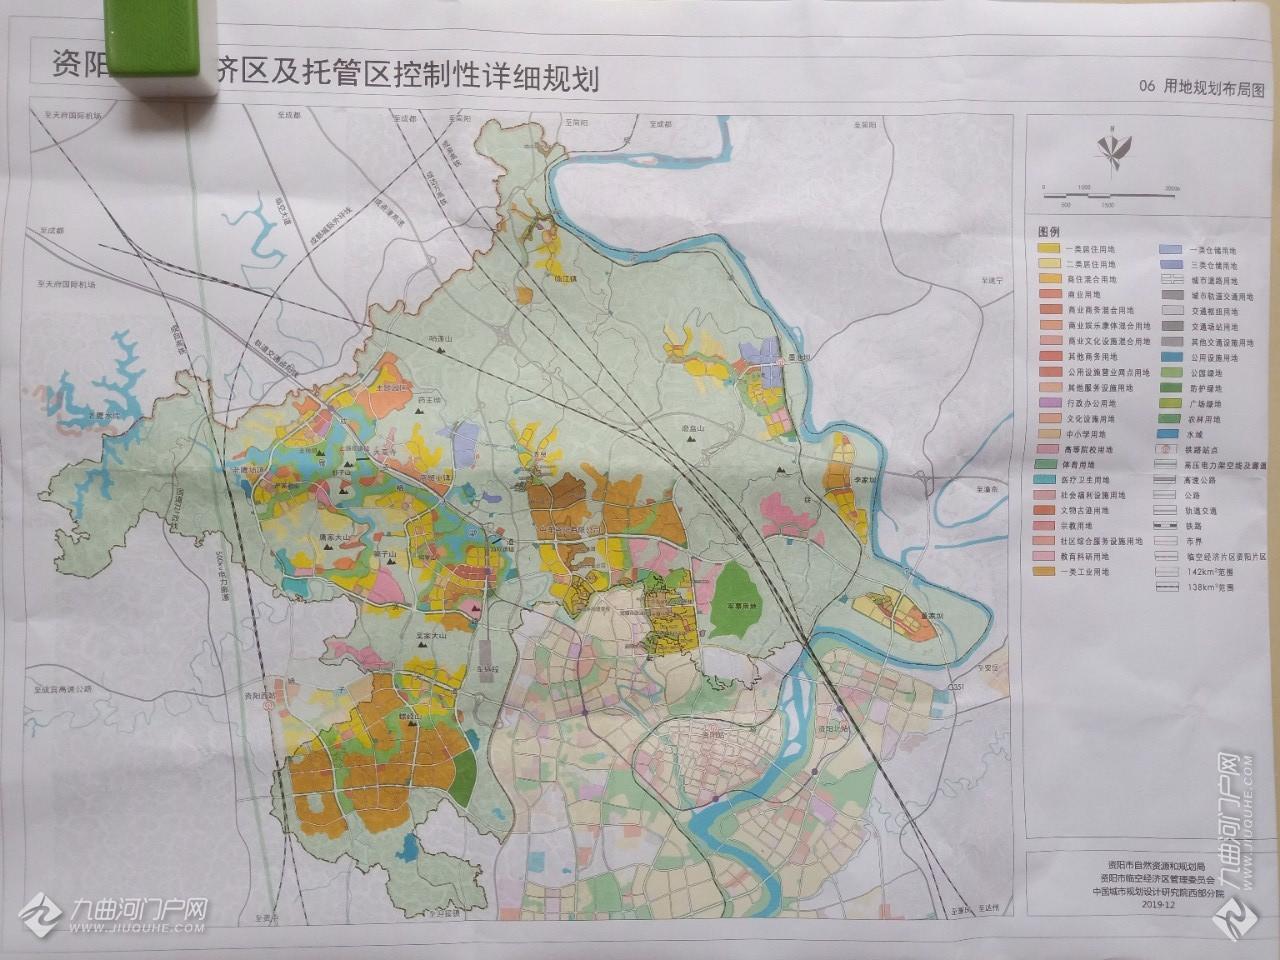 专业图:成达万、轨交资阳线、蓉昆高铁、成都城际外环线